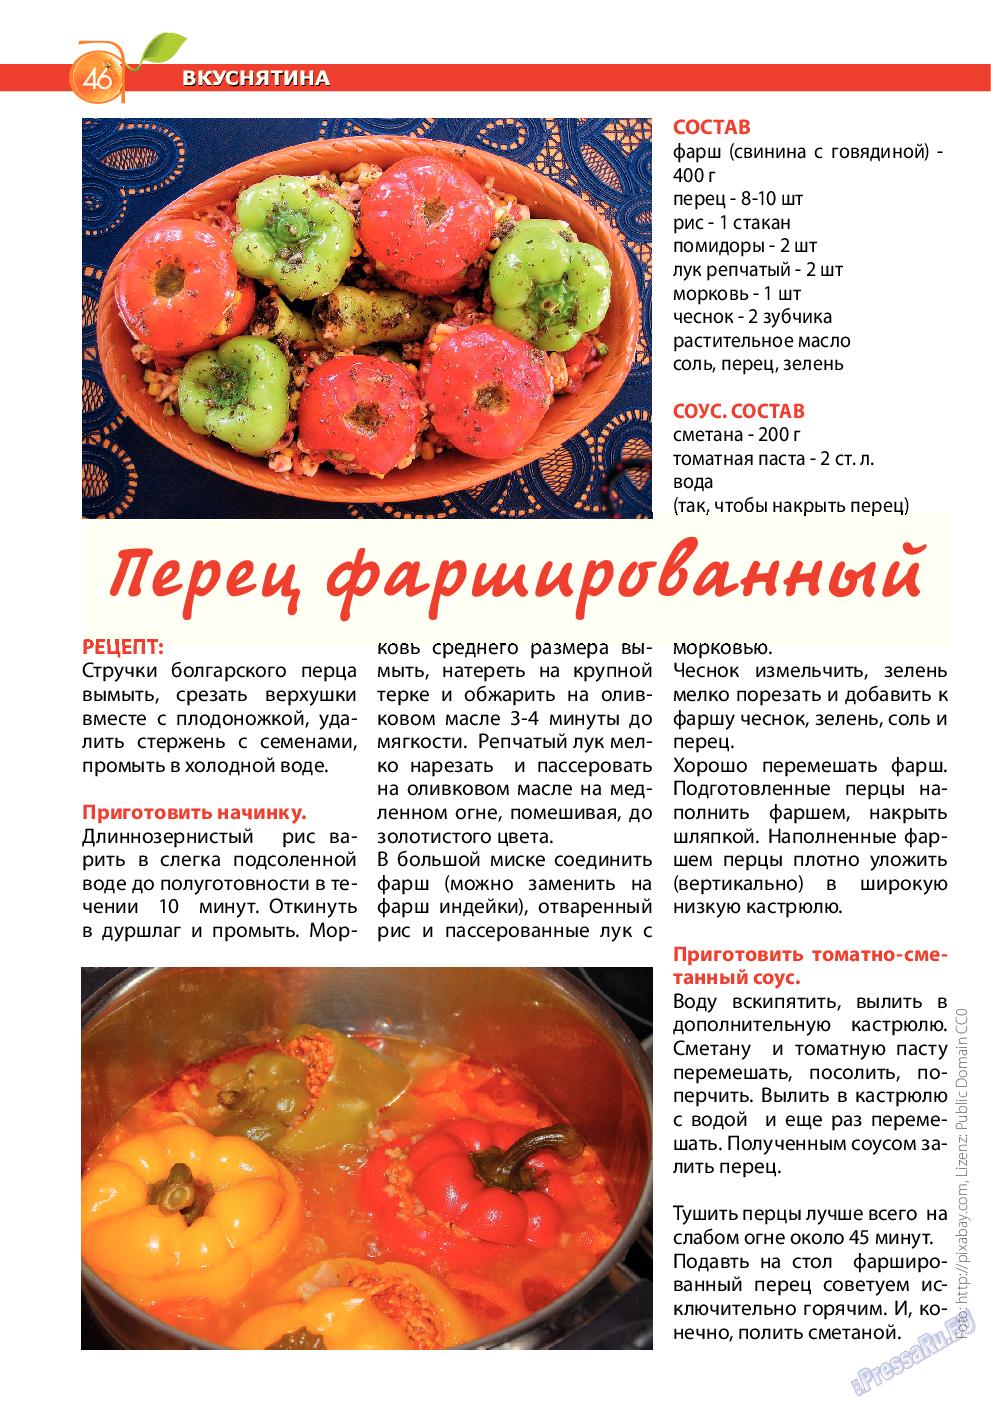 Апельсин (журнал). 2015 год, номер 68, стр. 46